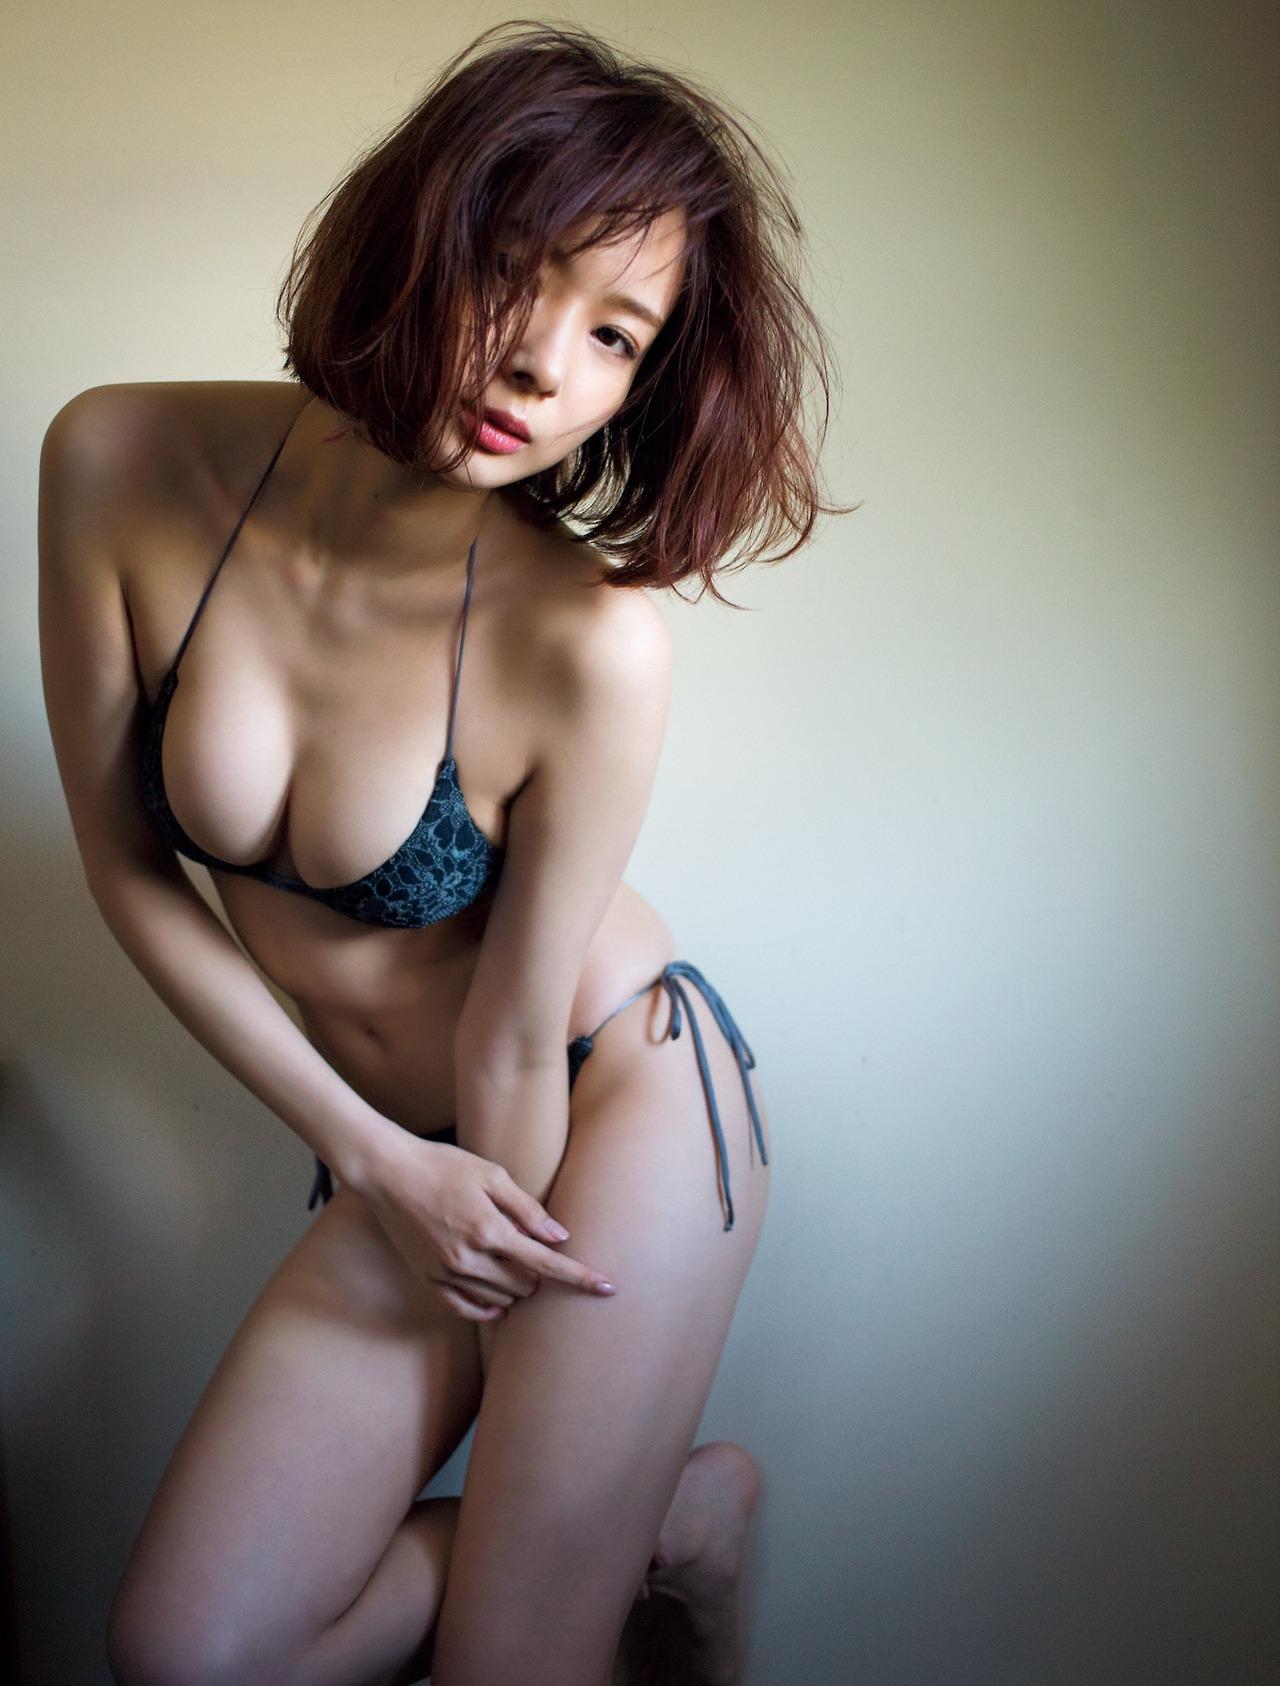 モデル岡田紗佳が脱ぐと有能過ぎるスタイルをしているぞ(*´▽`*)ww×45P 表紙